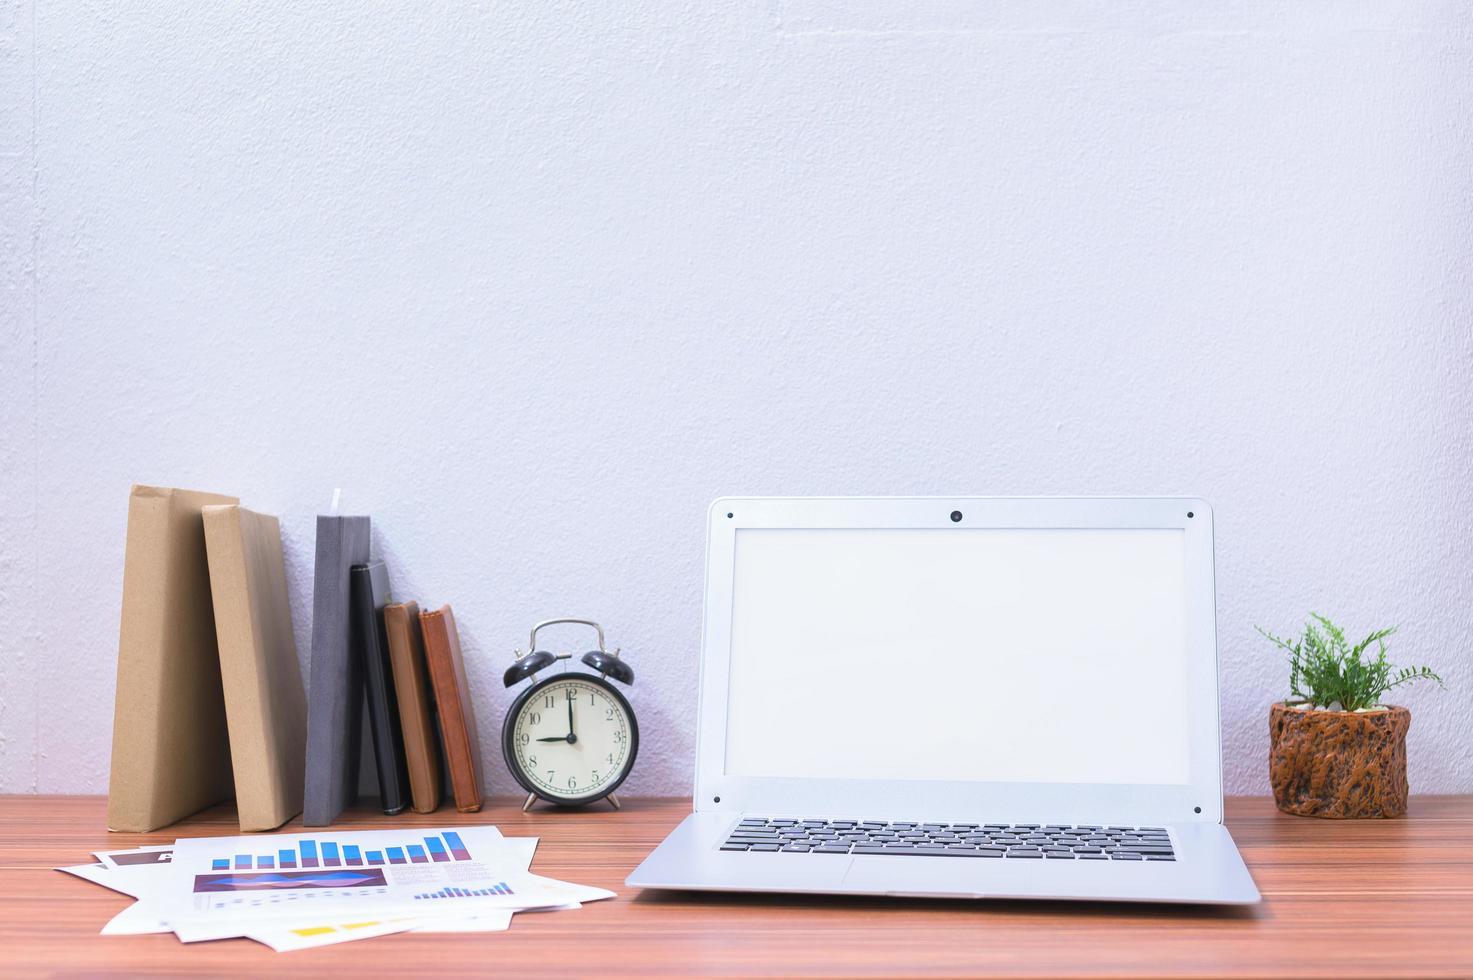 Laptop und Blume auf dem Schreibtisch foto